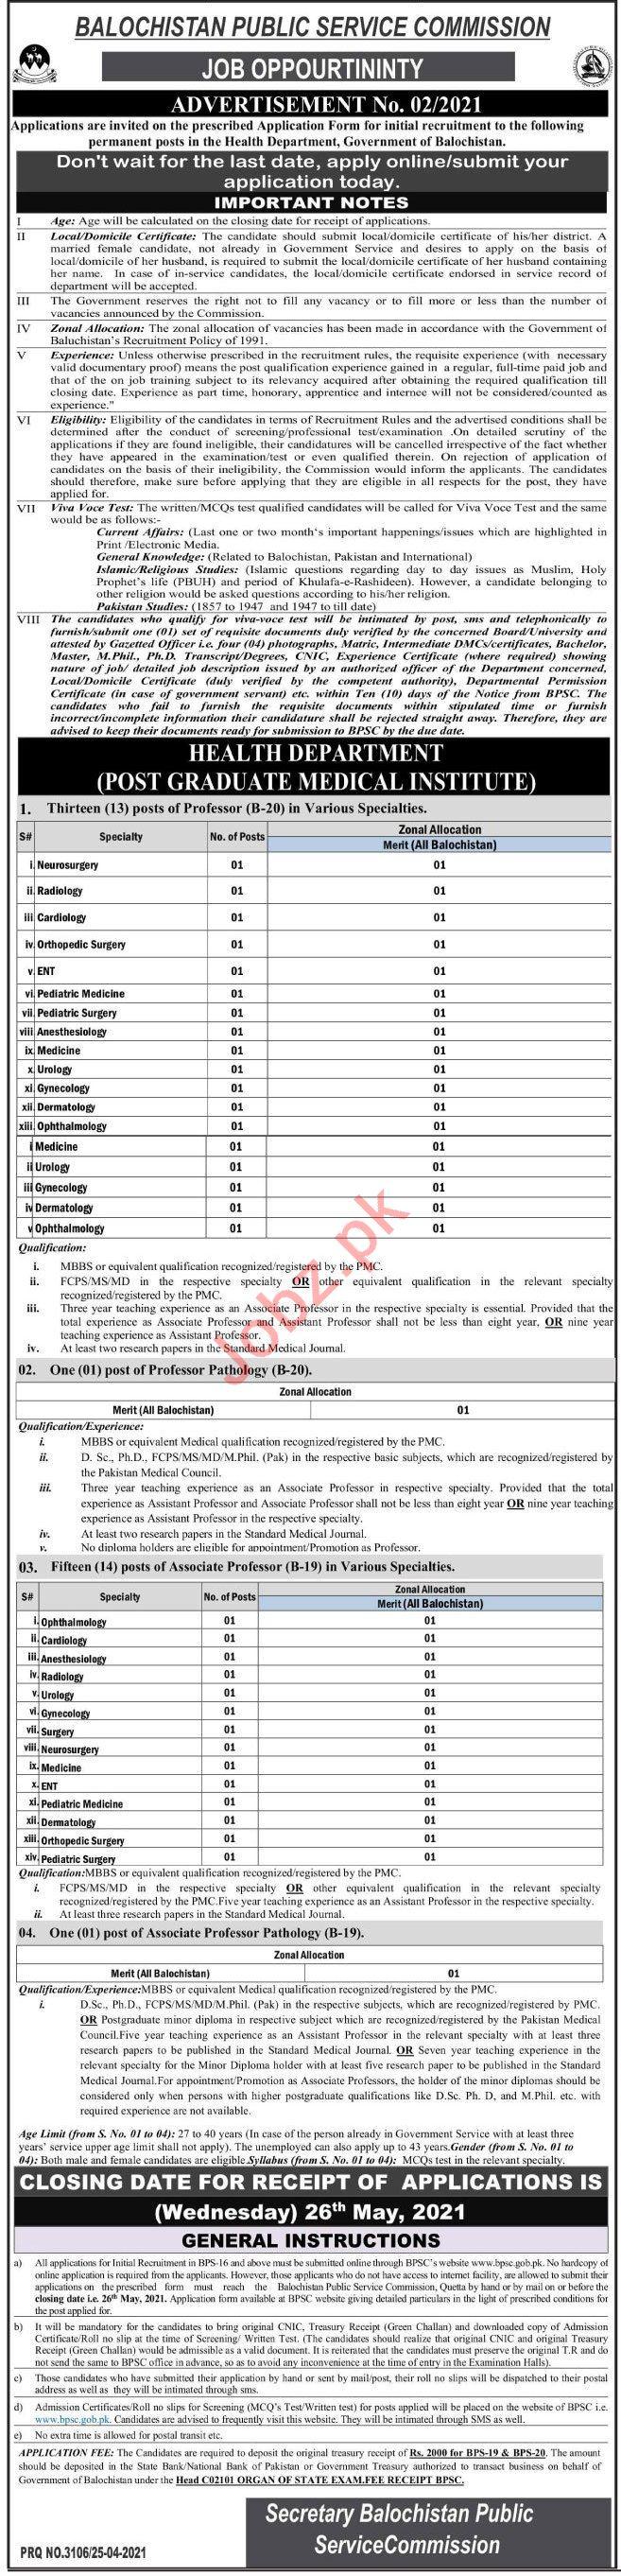 BPSC Balochistan Public Service Commission Jobs 2021